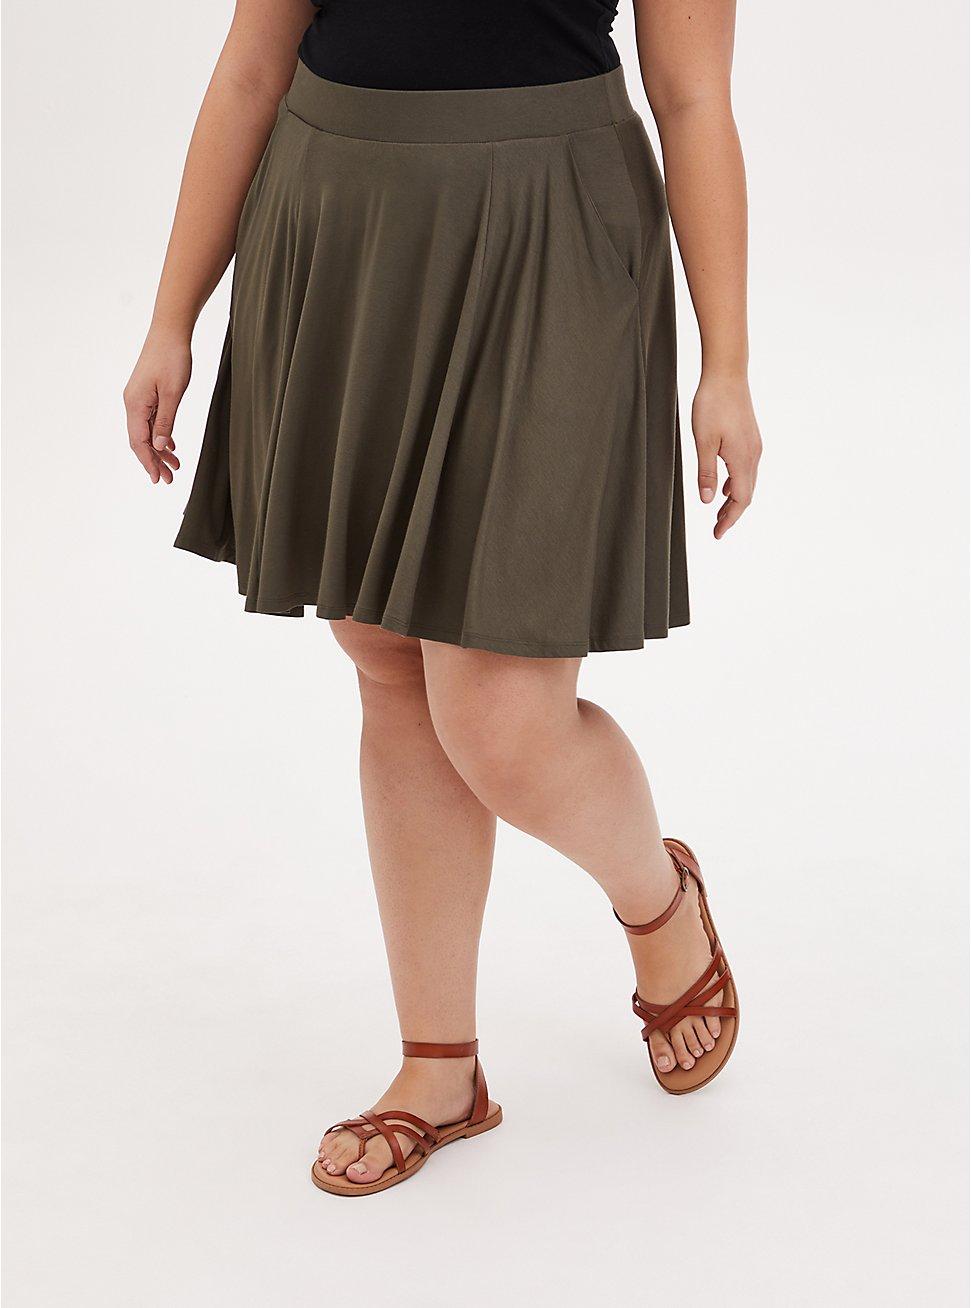 Super Soft Olive Green Mini Skater Skirt , DEEP DEPTHS, hi-res